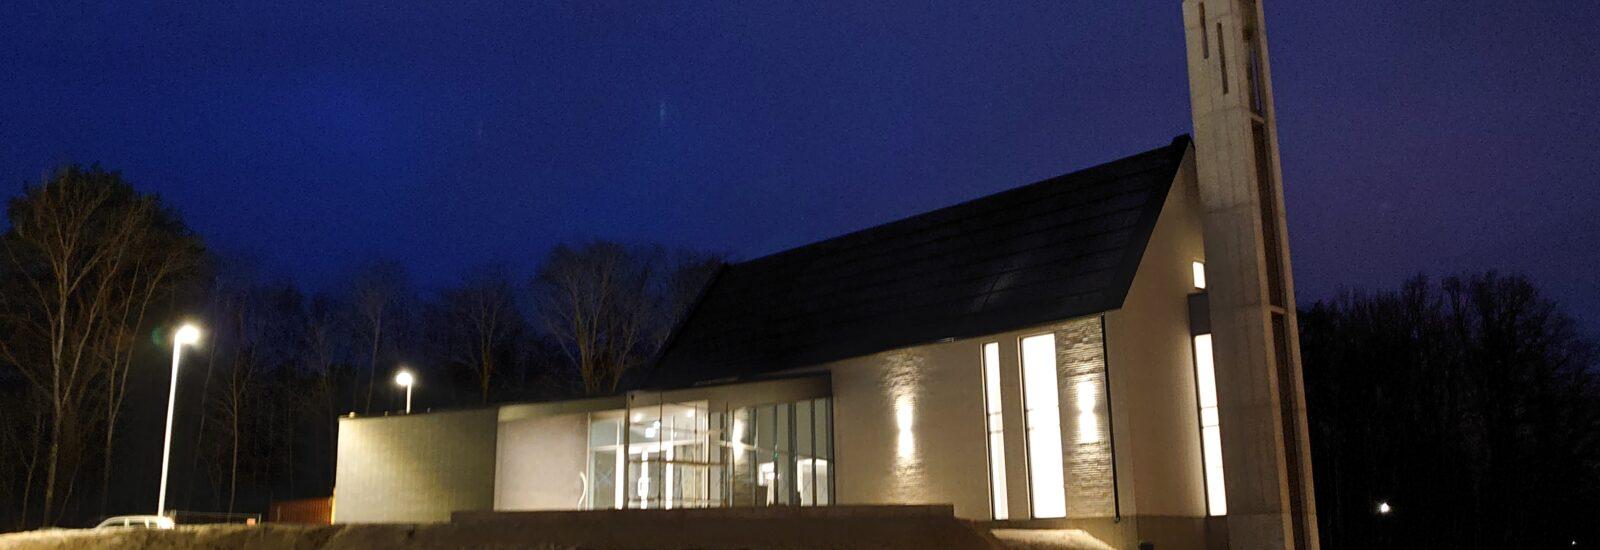 Jumalateenistused toimuvad kell 11:00 aadressil Küütsu 2 Saku Toomase kirikus.